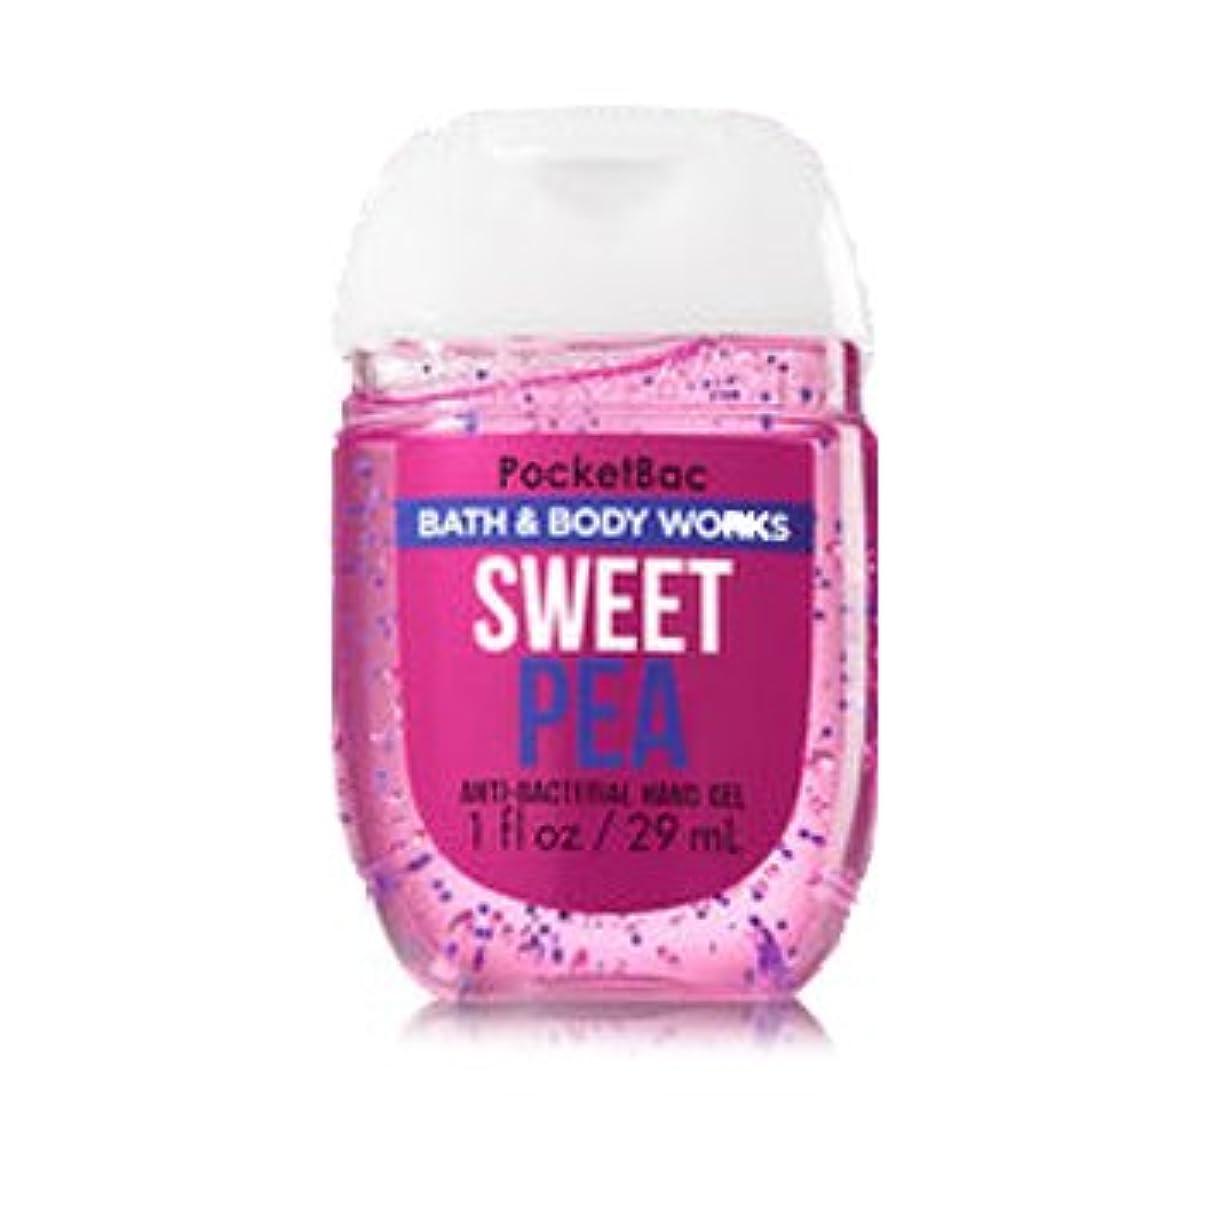 下にプラスどれかバス&ボディワークス ハンドジェル 29ml スウィートピー Bath&Body Works Anti-Bacterial PocketBac Sanitizing Hand Gel Sweet Pea [並行輸入品]